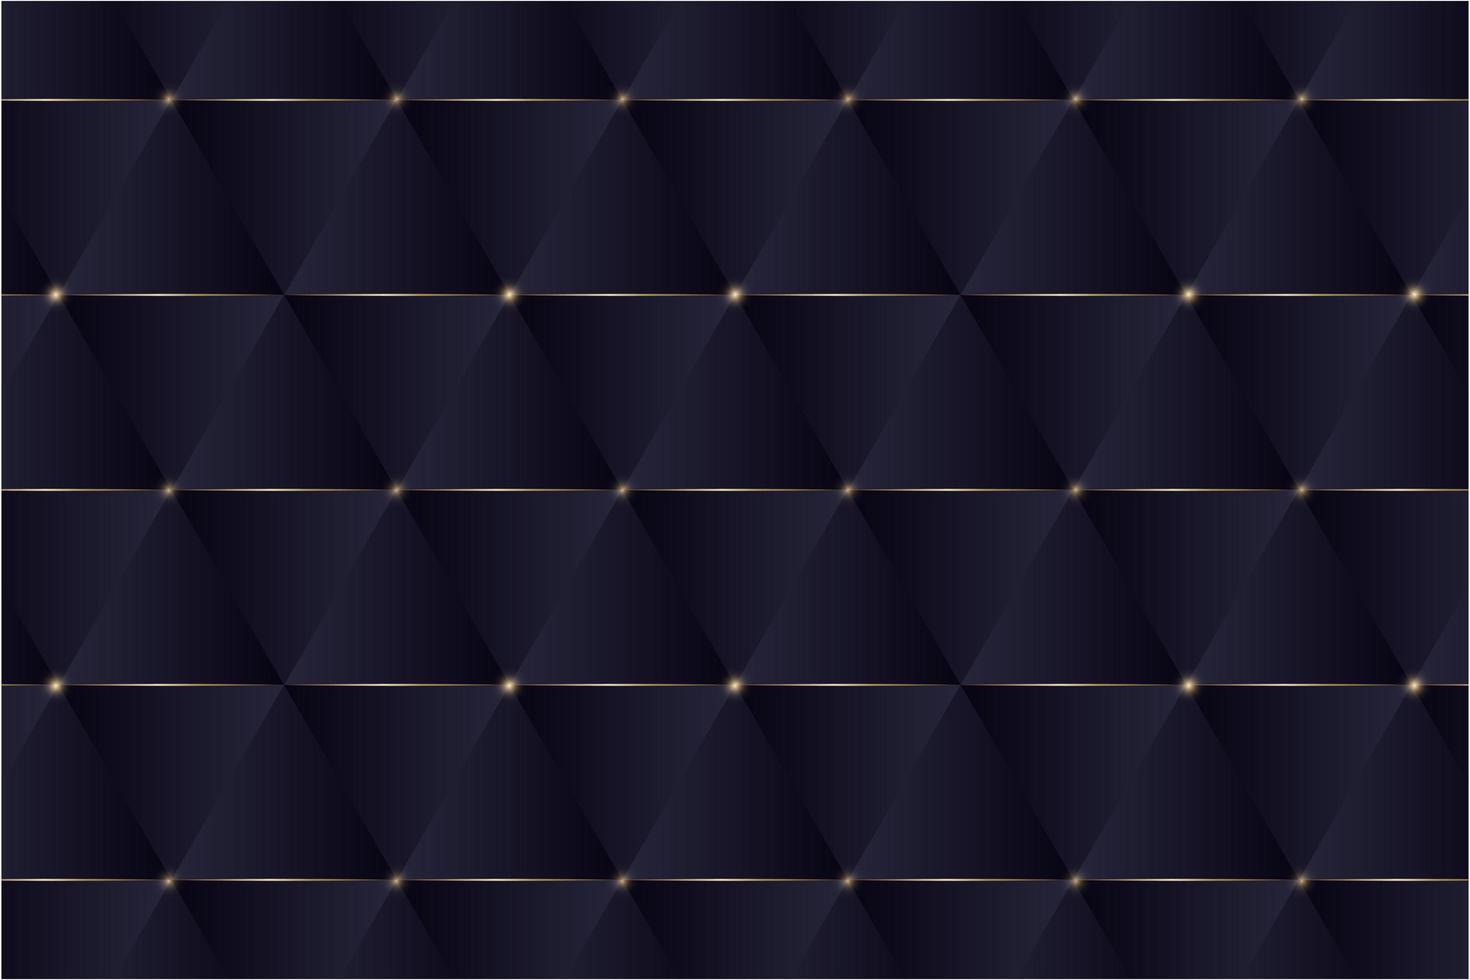 triángulos azules y líneas doradas de diseño moderno. vector